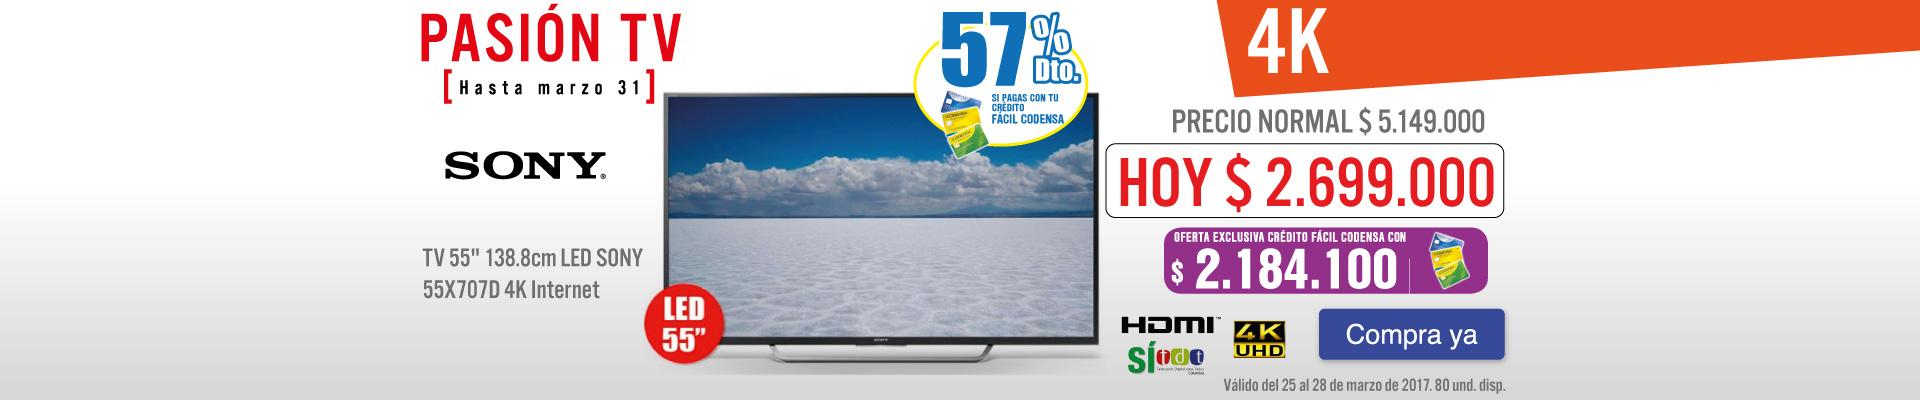 PPAL KT - TV 55X707D - MRZ 25